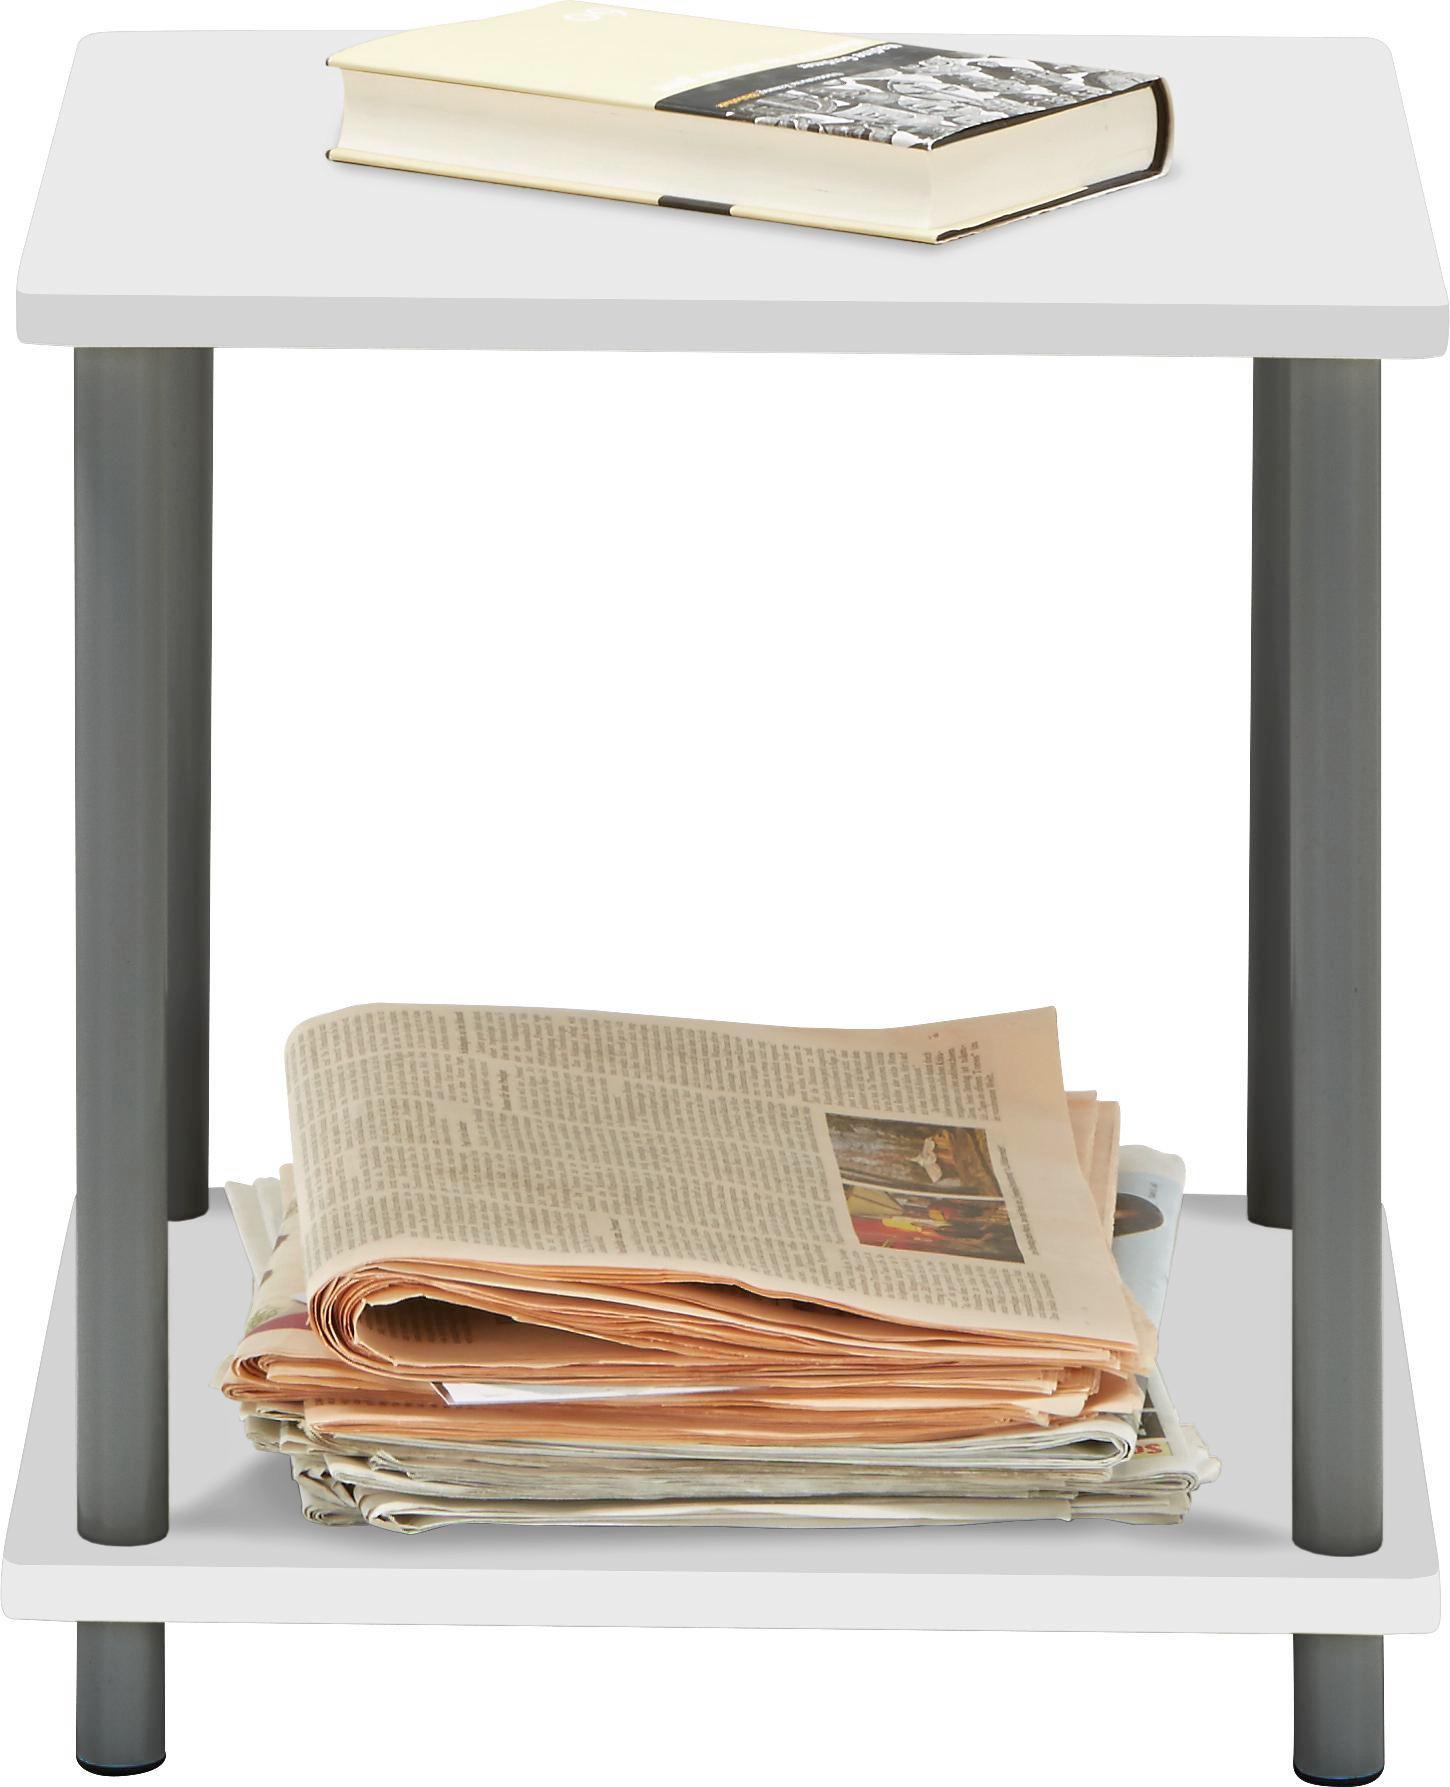 Beistelltisch in Weiß/Grau - Weiß/Grau, MODERN, Holzwerkstoff/Kunststoff (40/41,5/40cm) - MÖMAX modern living